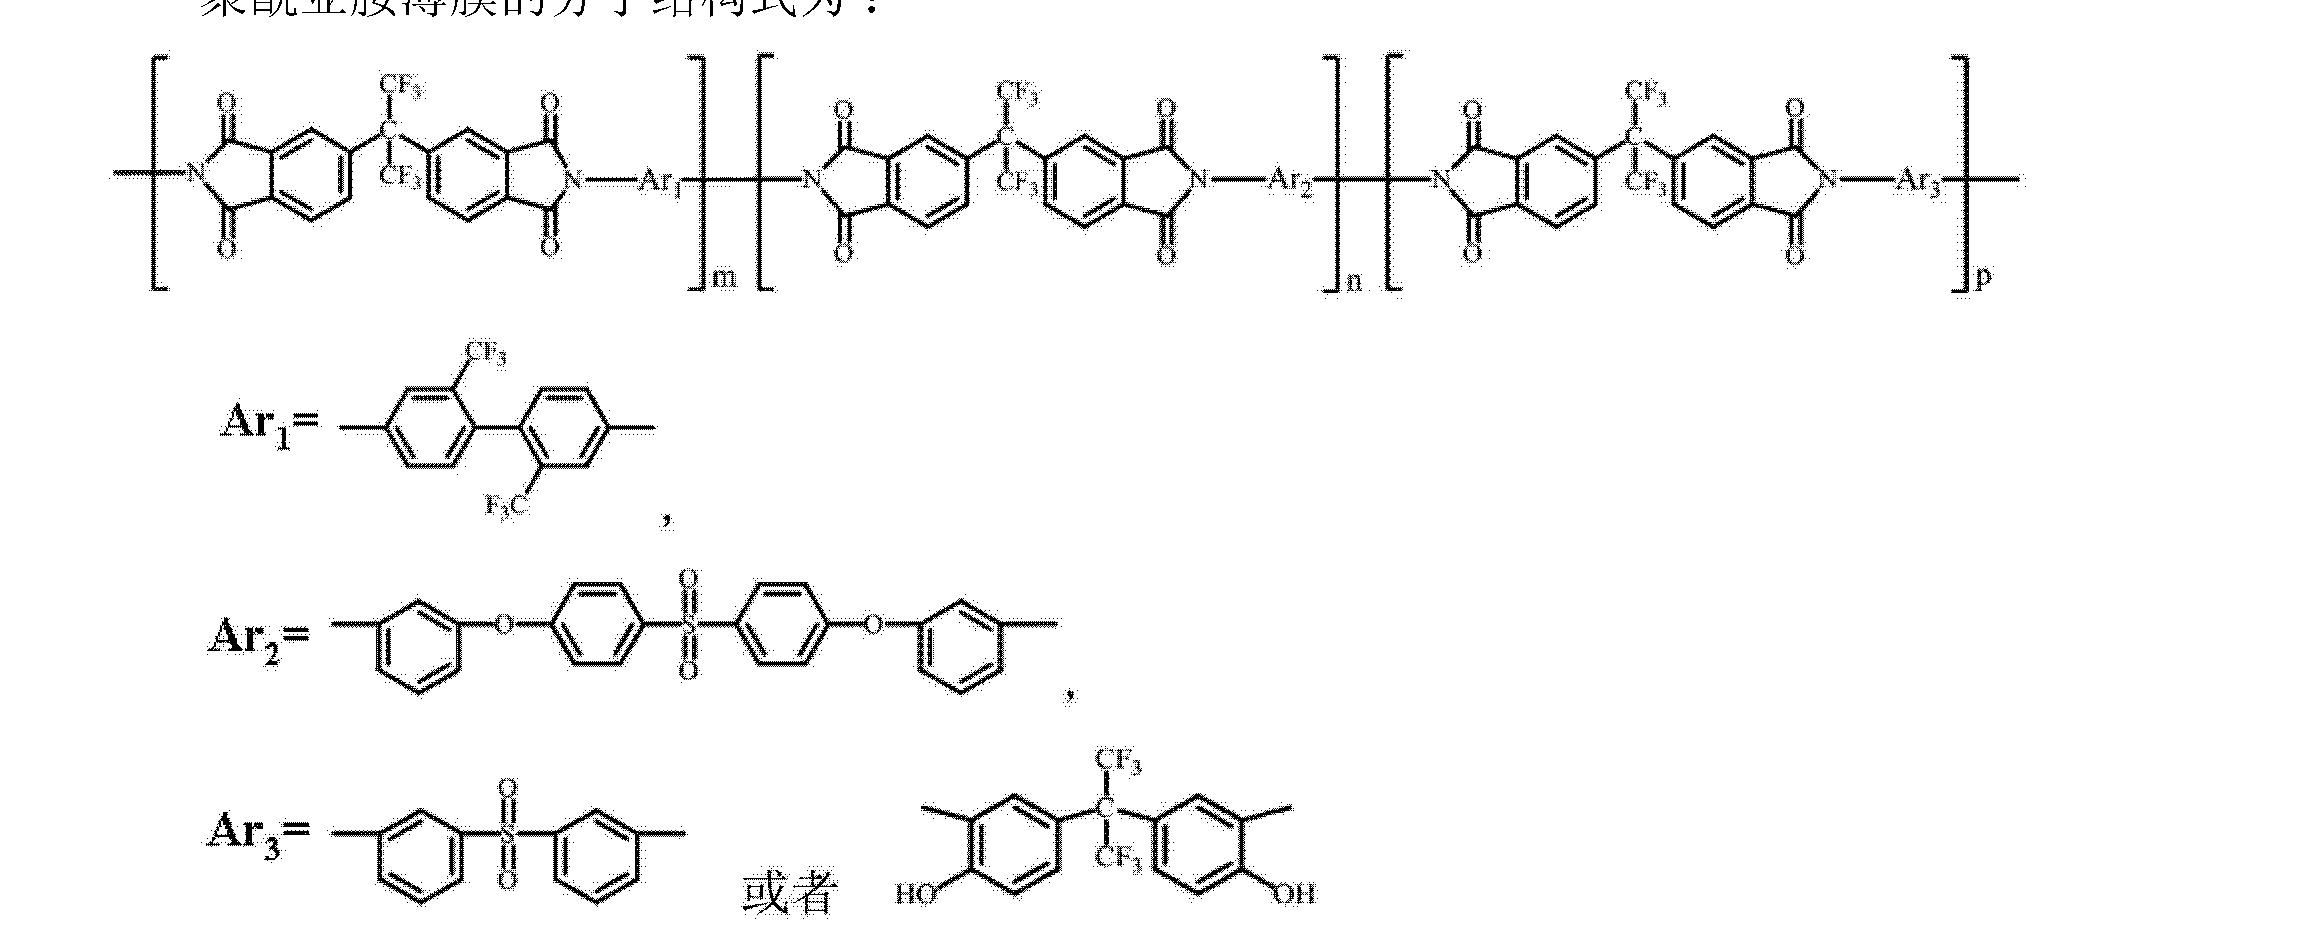 聚酰亚胺薄膜的分子结构式为